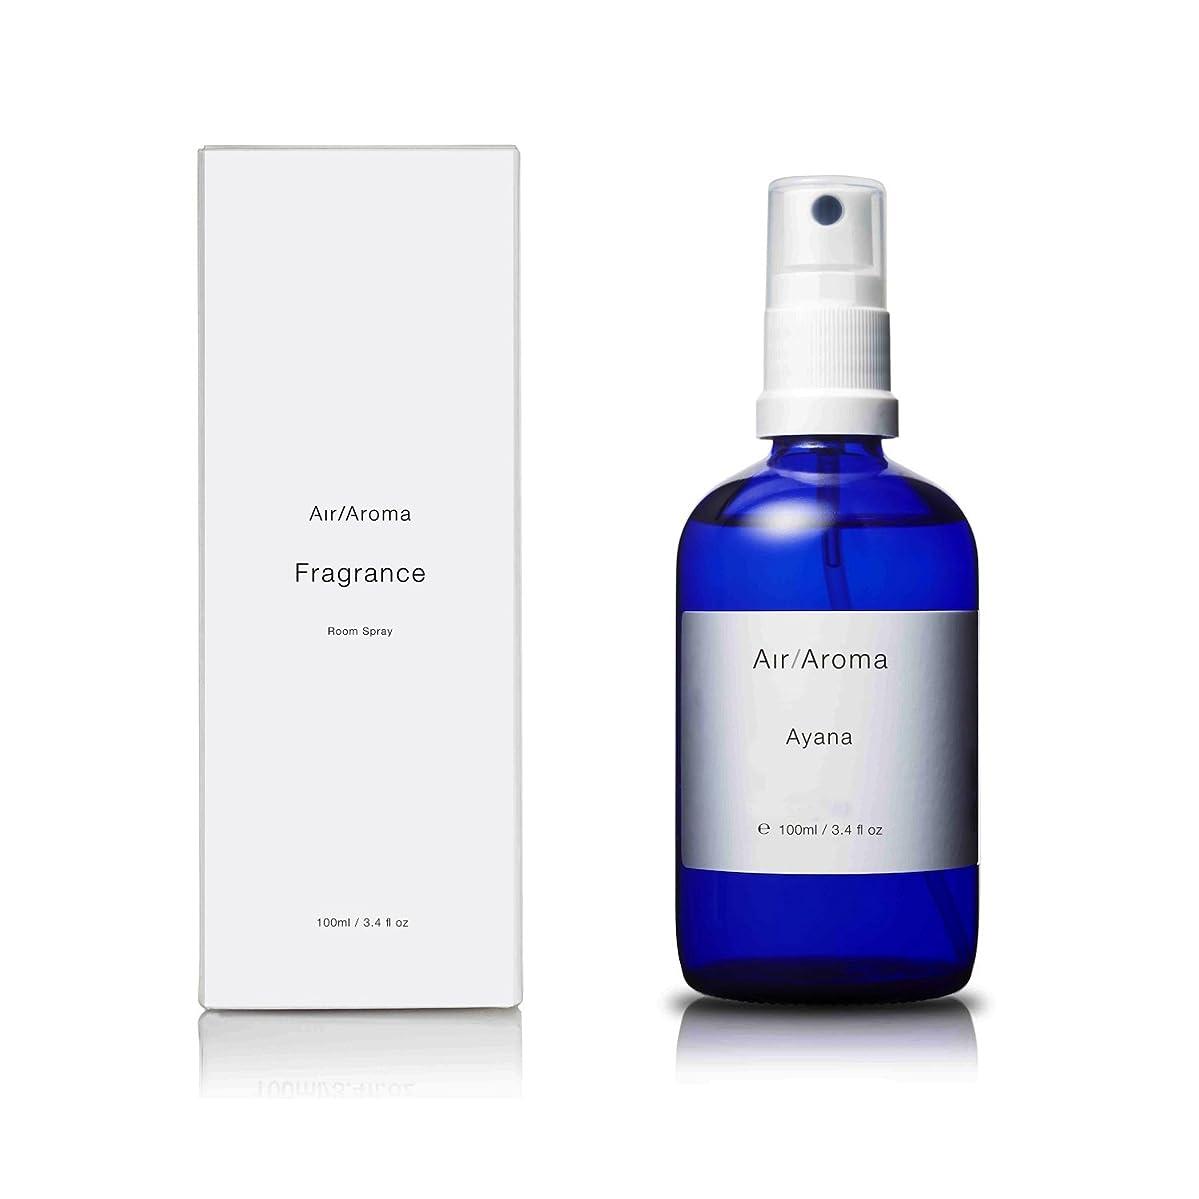 アルコールコースキルトエアアロマ ayana room fragrance (アヤナ ルームフレグランス) 100ml